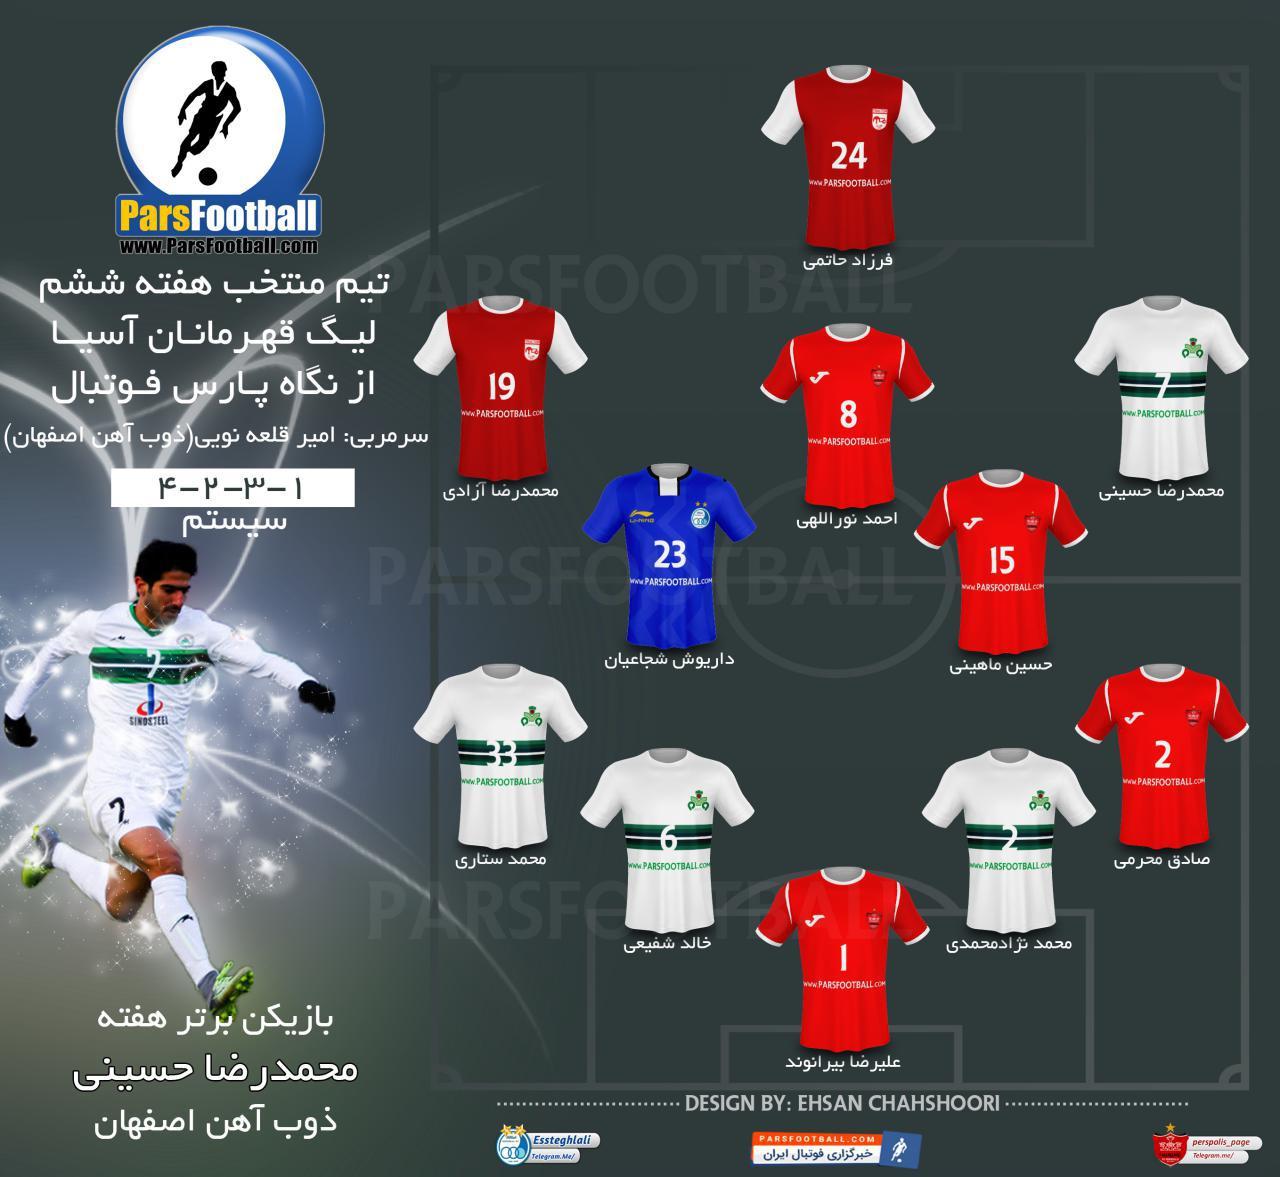 تیم منتخب ایران در هفته ی ششم لیگ قهرمانان آسیا